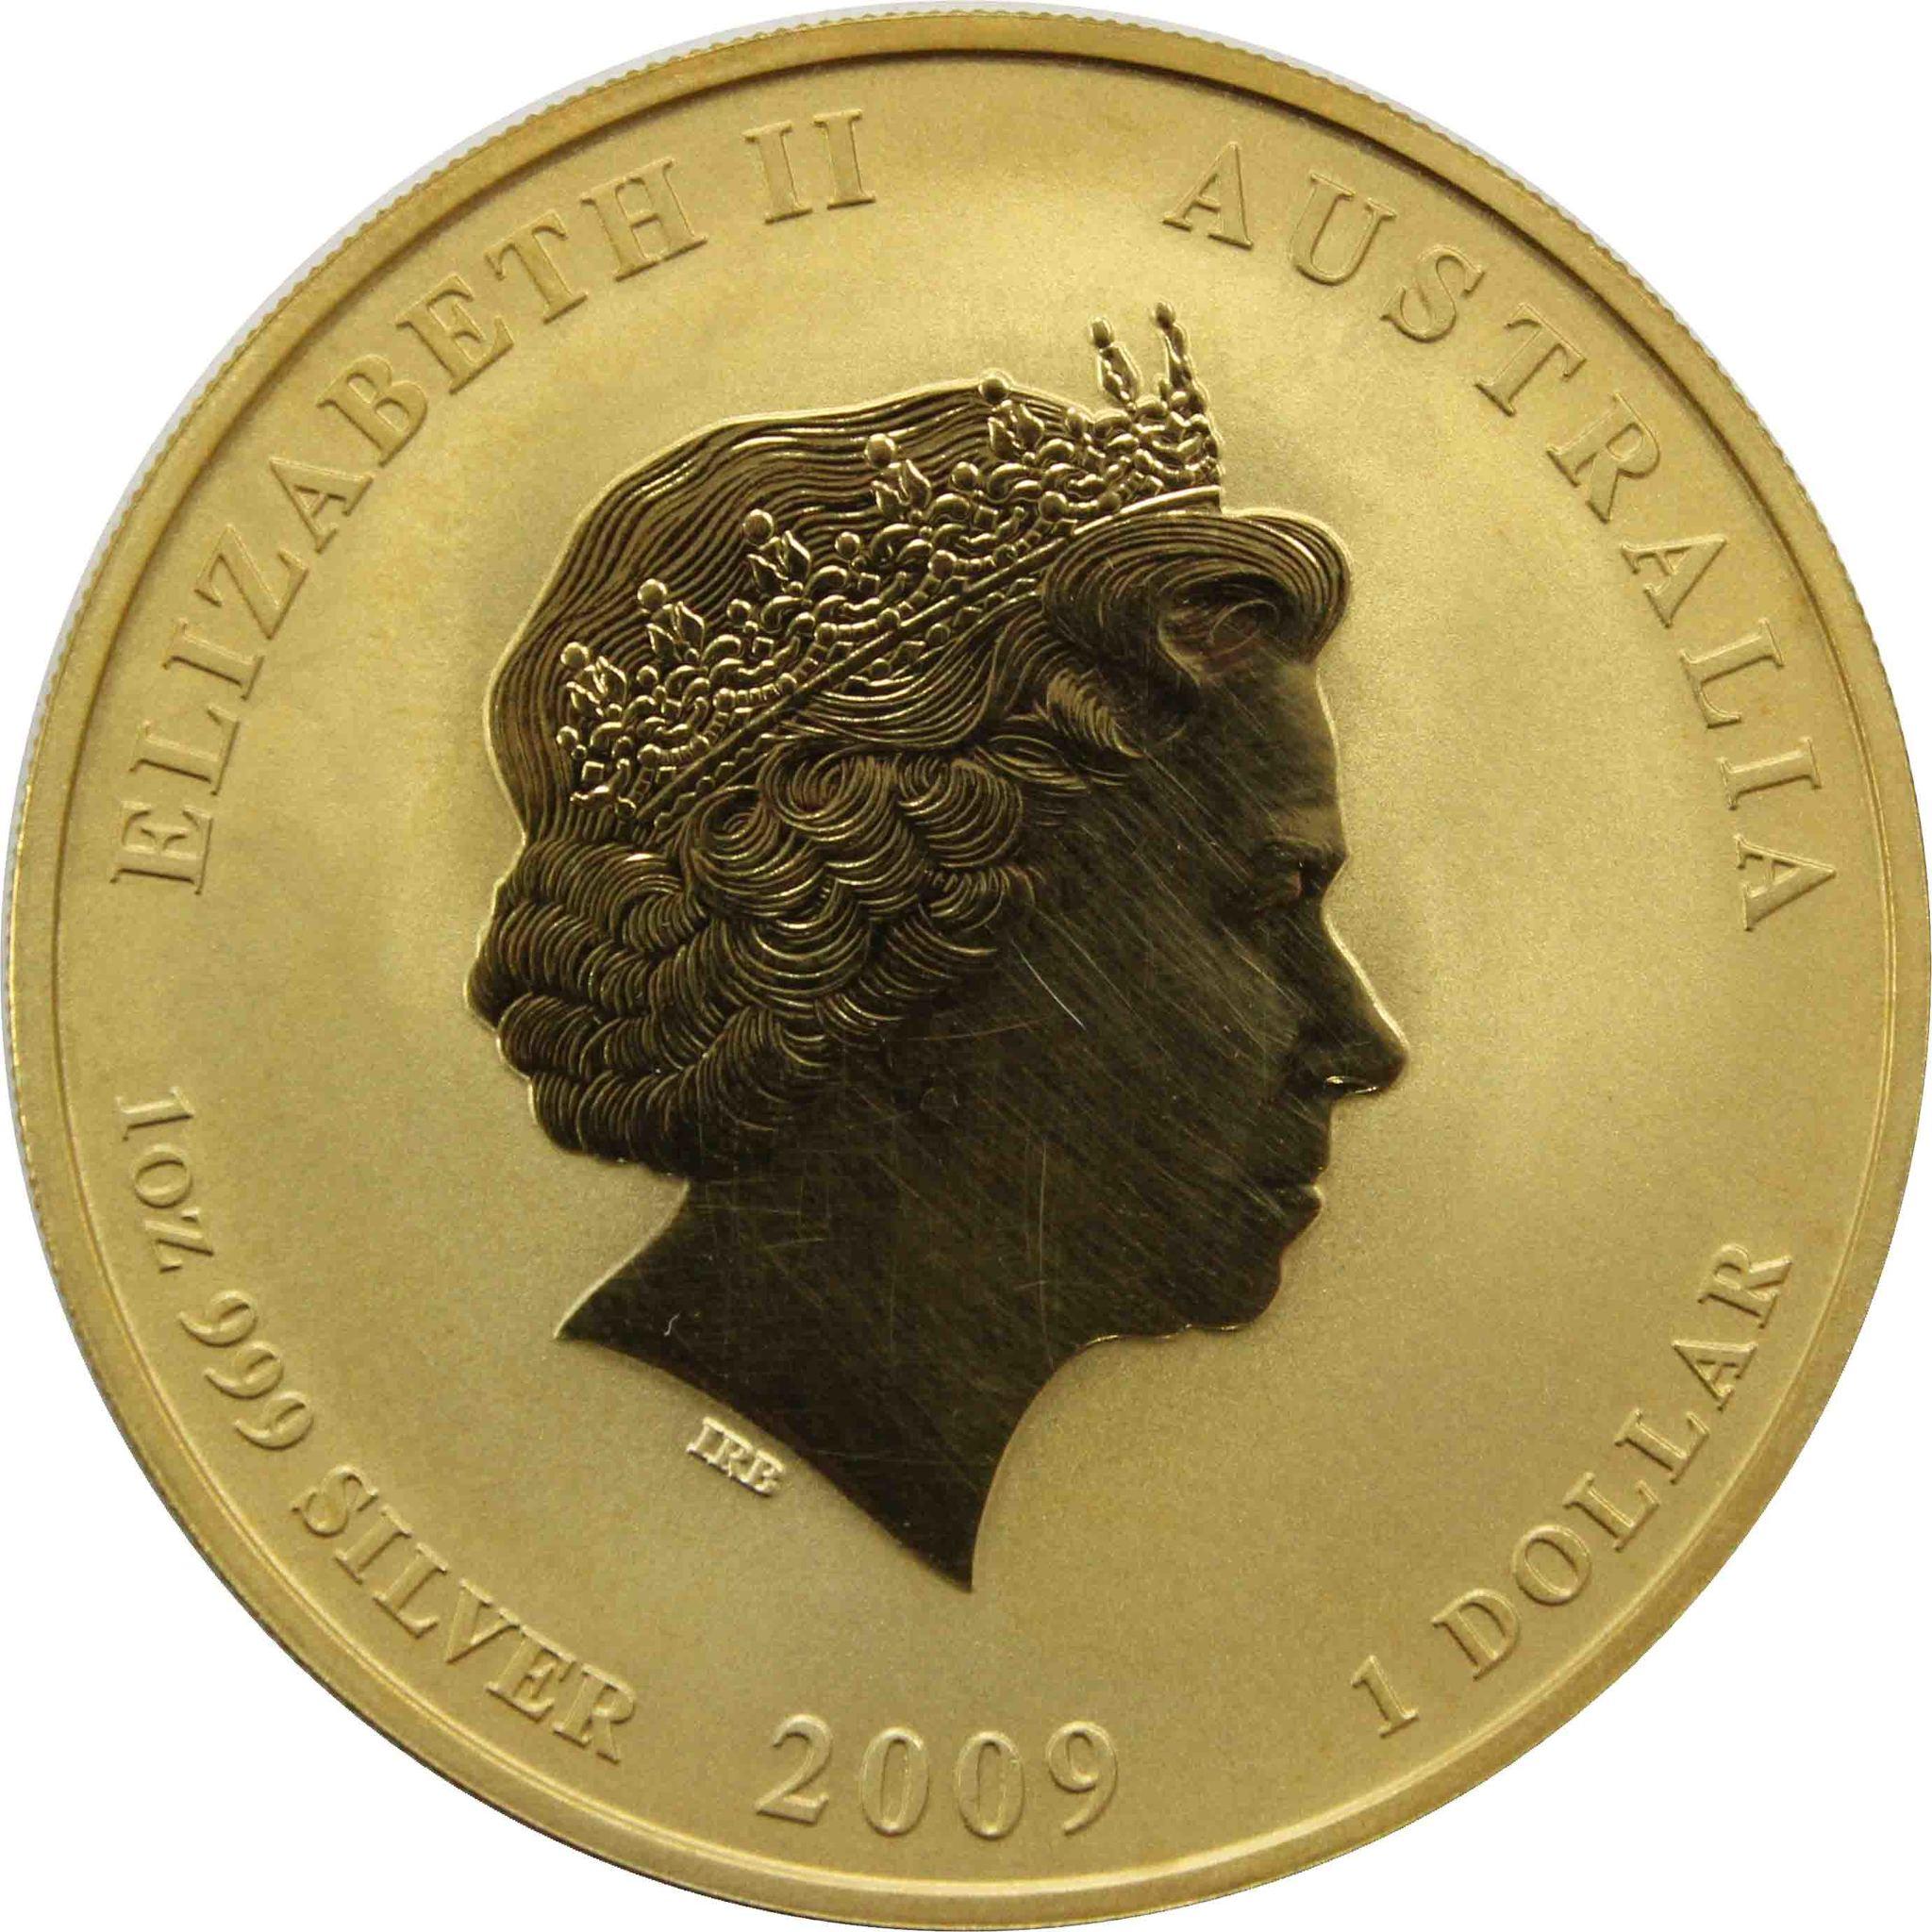 1 доллар. Год Быка. Австралия. 2009 год (в позолоте полностью)